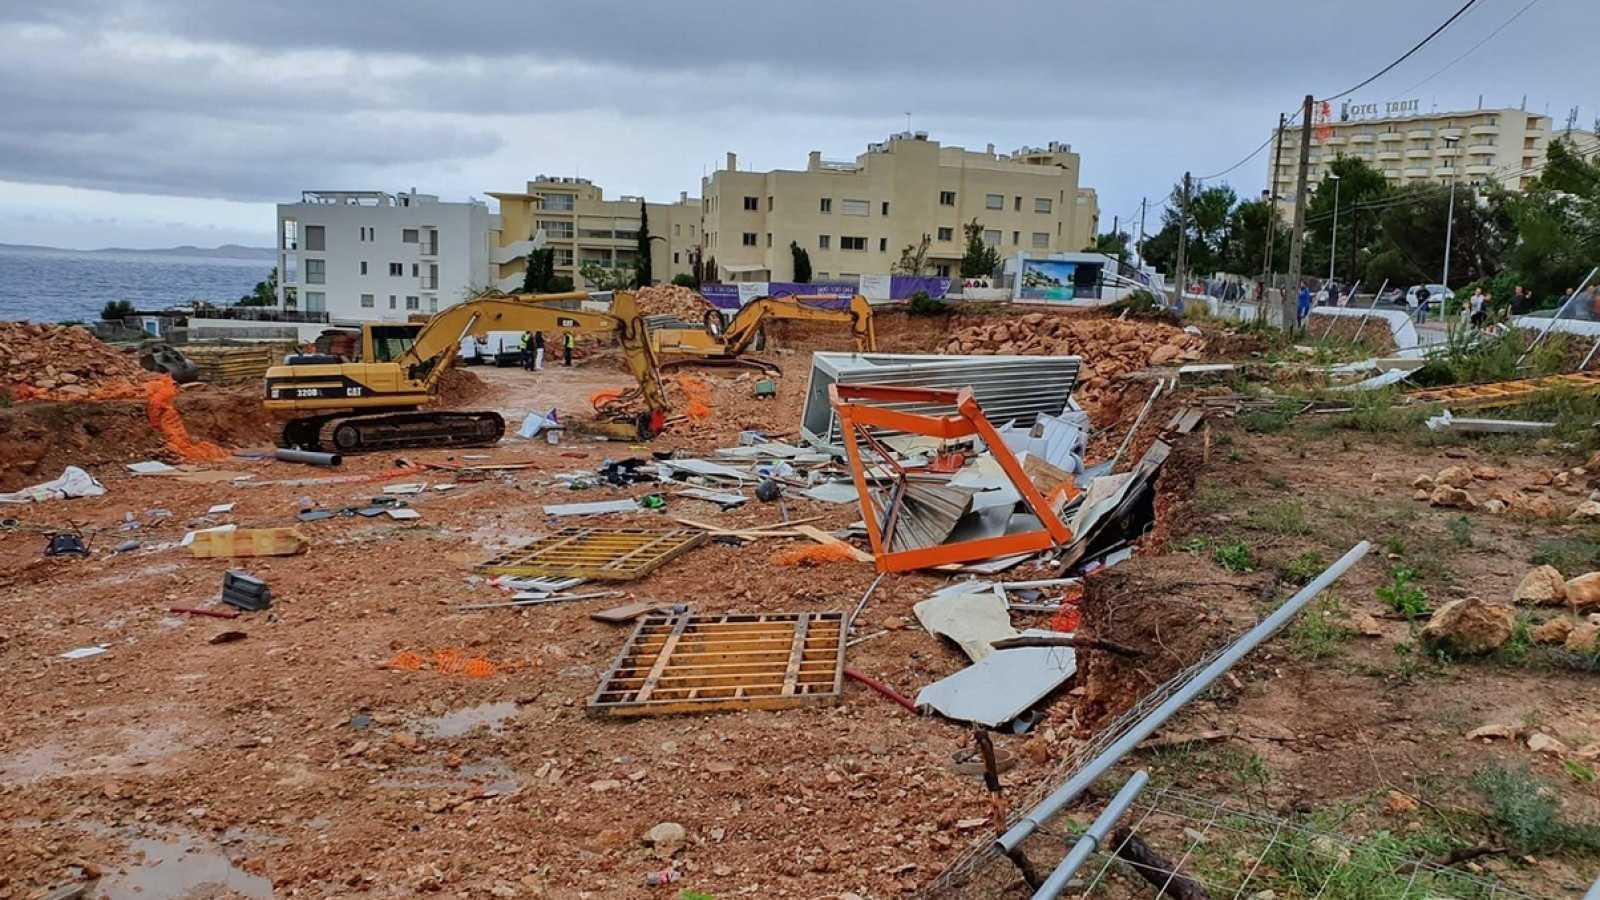 Efectos de un tornado causado por la DANA en Ibiza